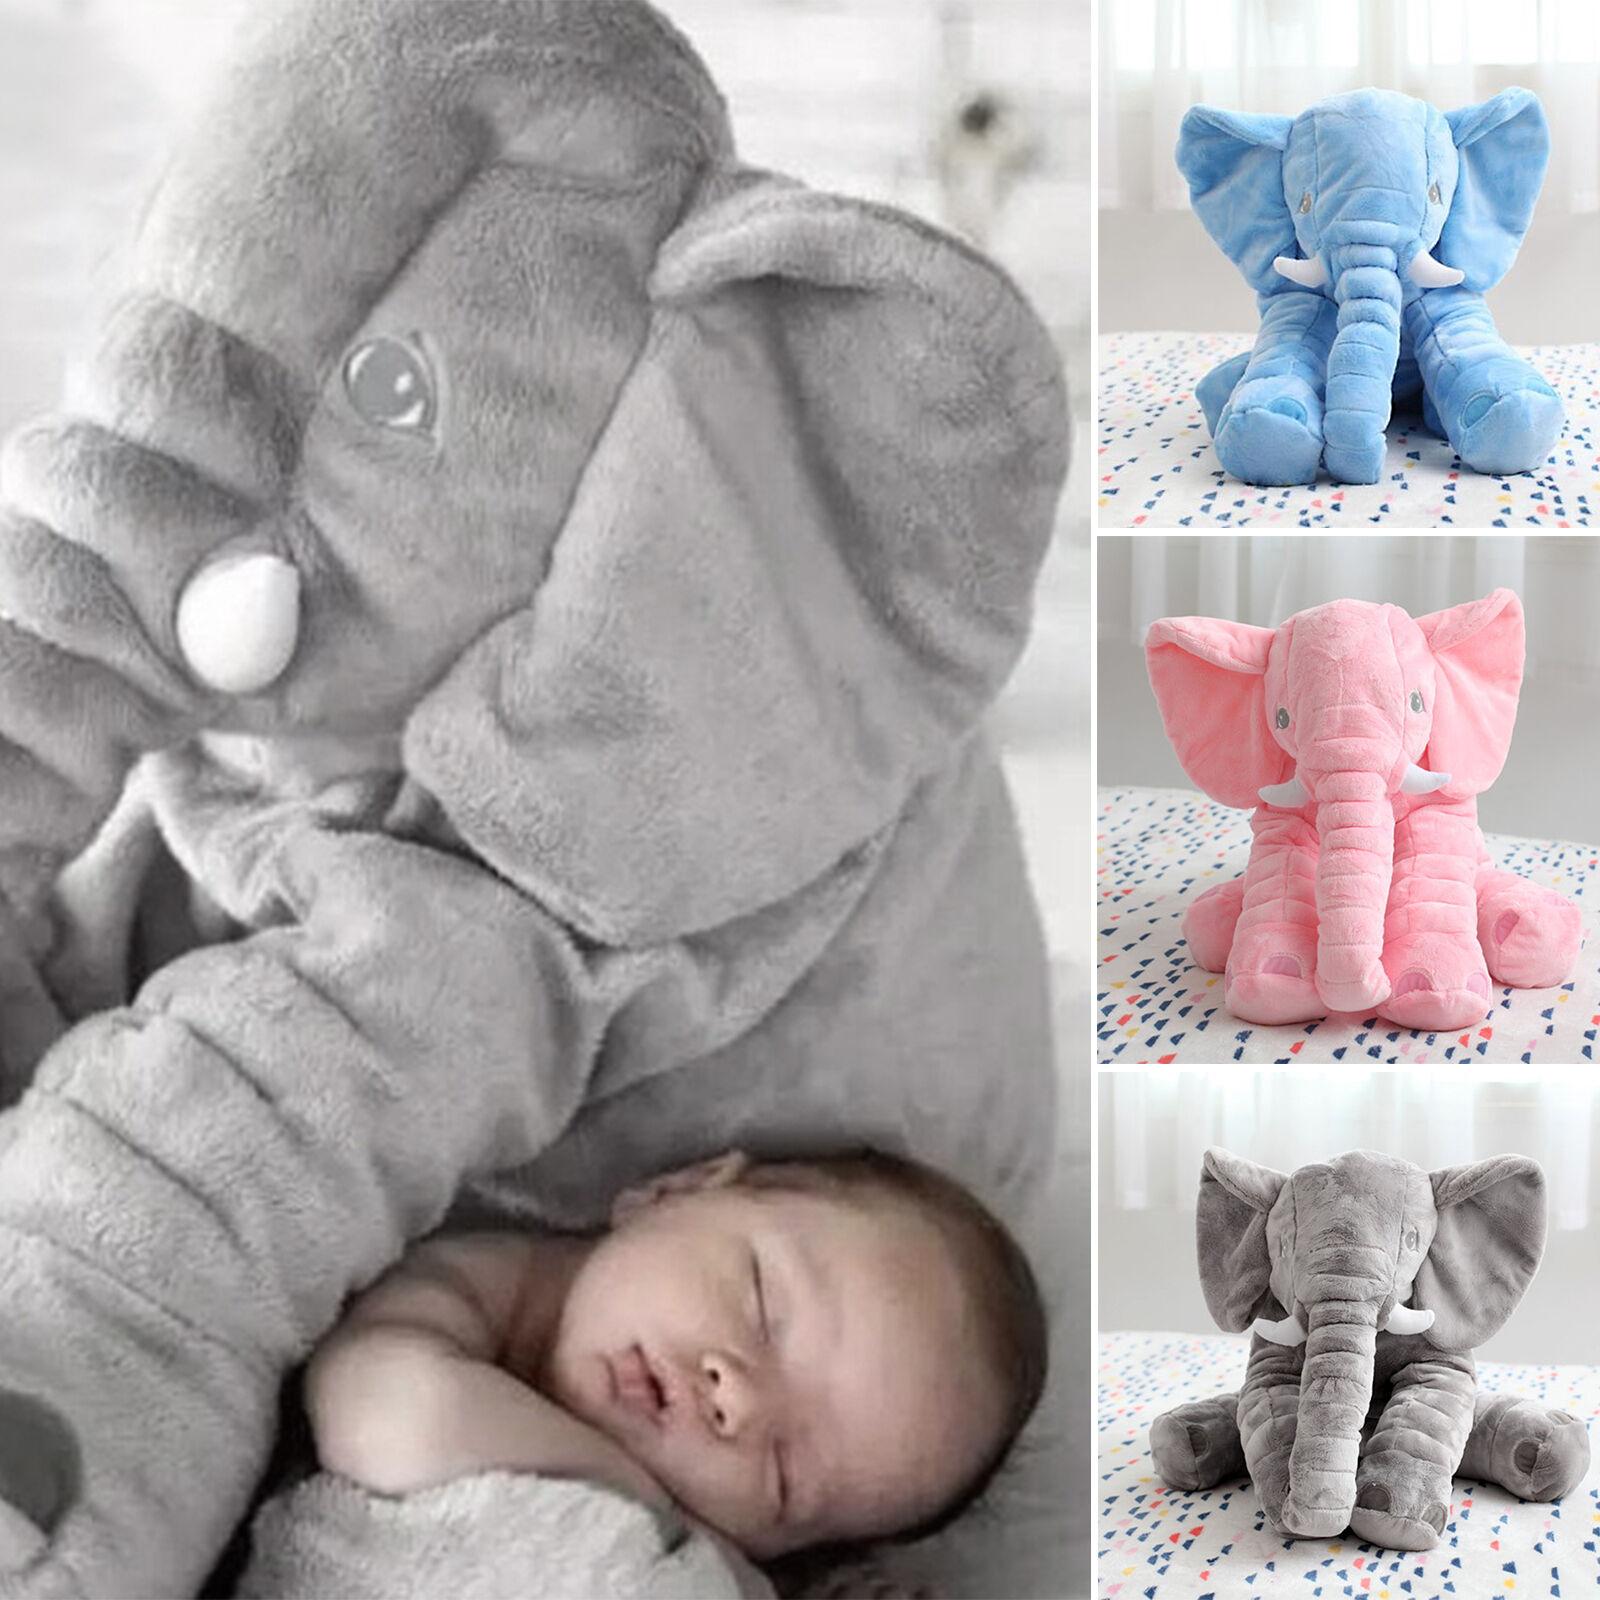 Kuschelkissen Kinderzimmer Kinder Elefantenkissen Tierkissen 38x32 cm Neu